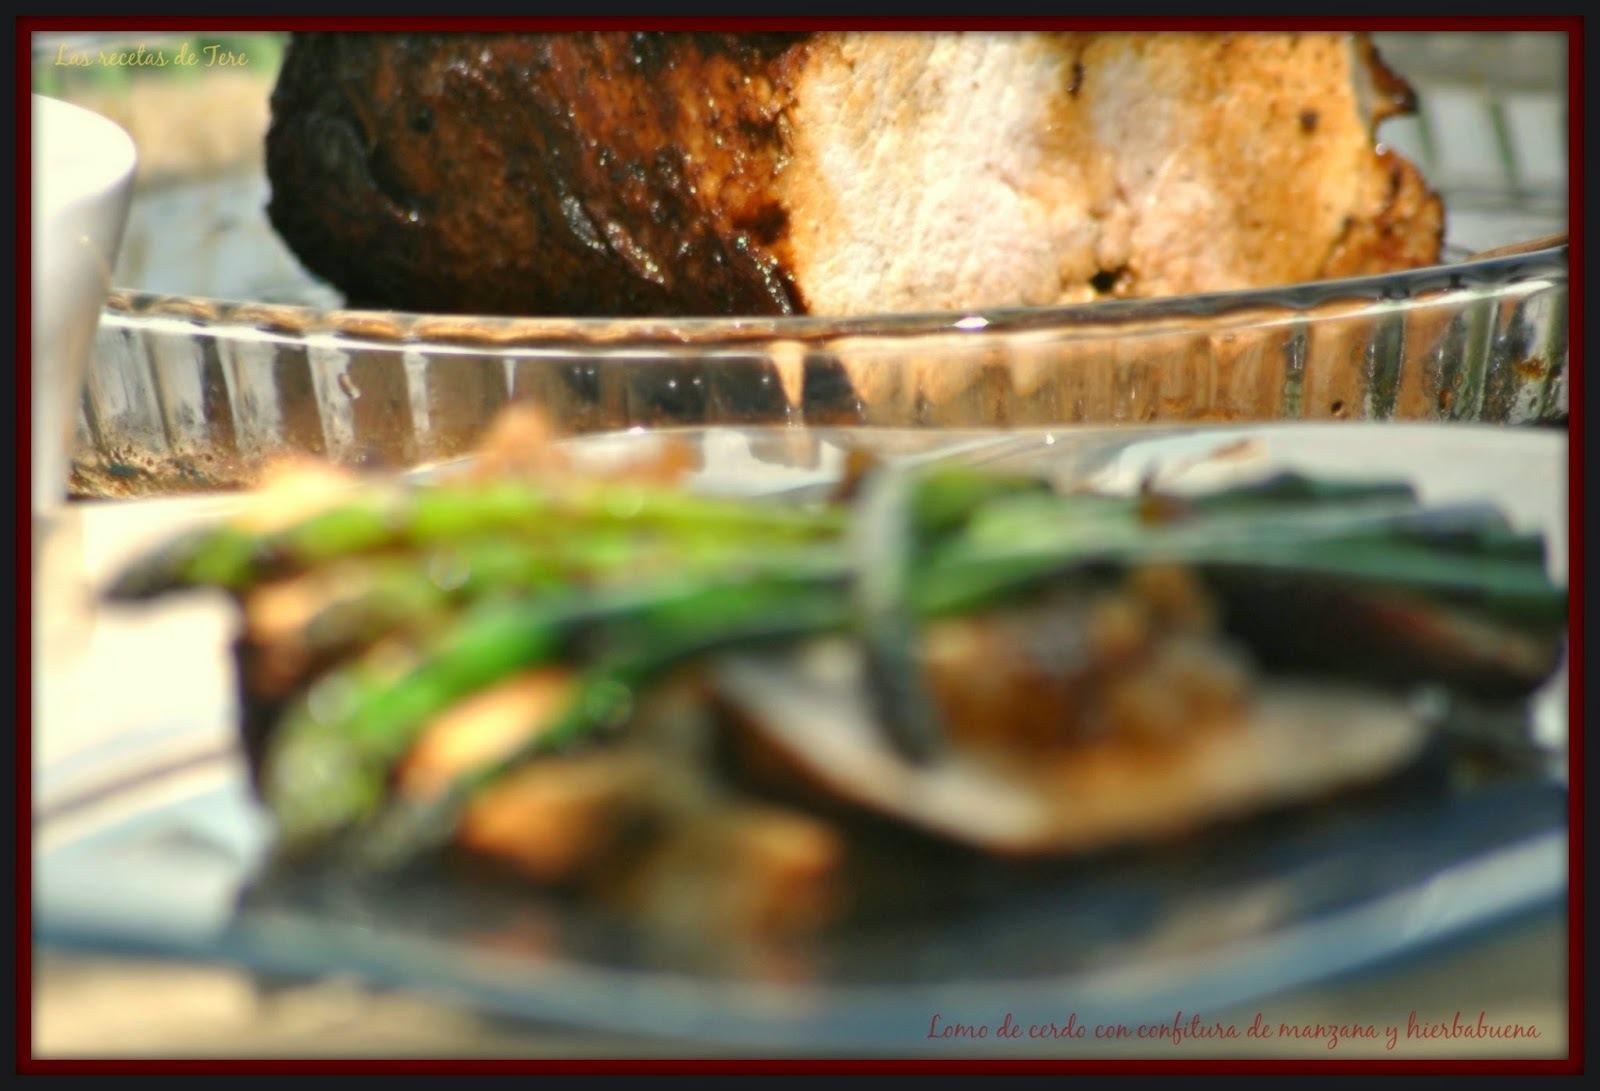 Lomo de cerdo al horno con confitura de manzana y hierbabuena.